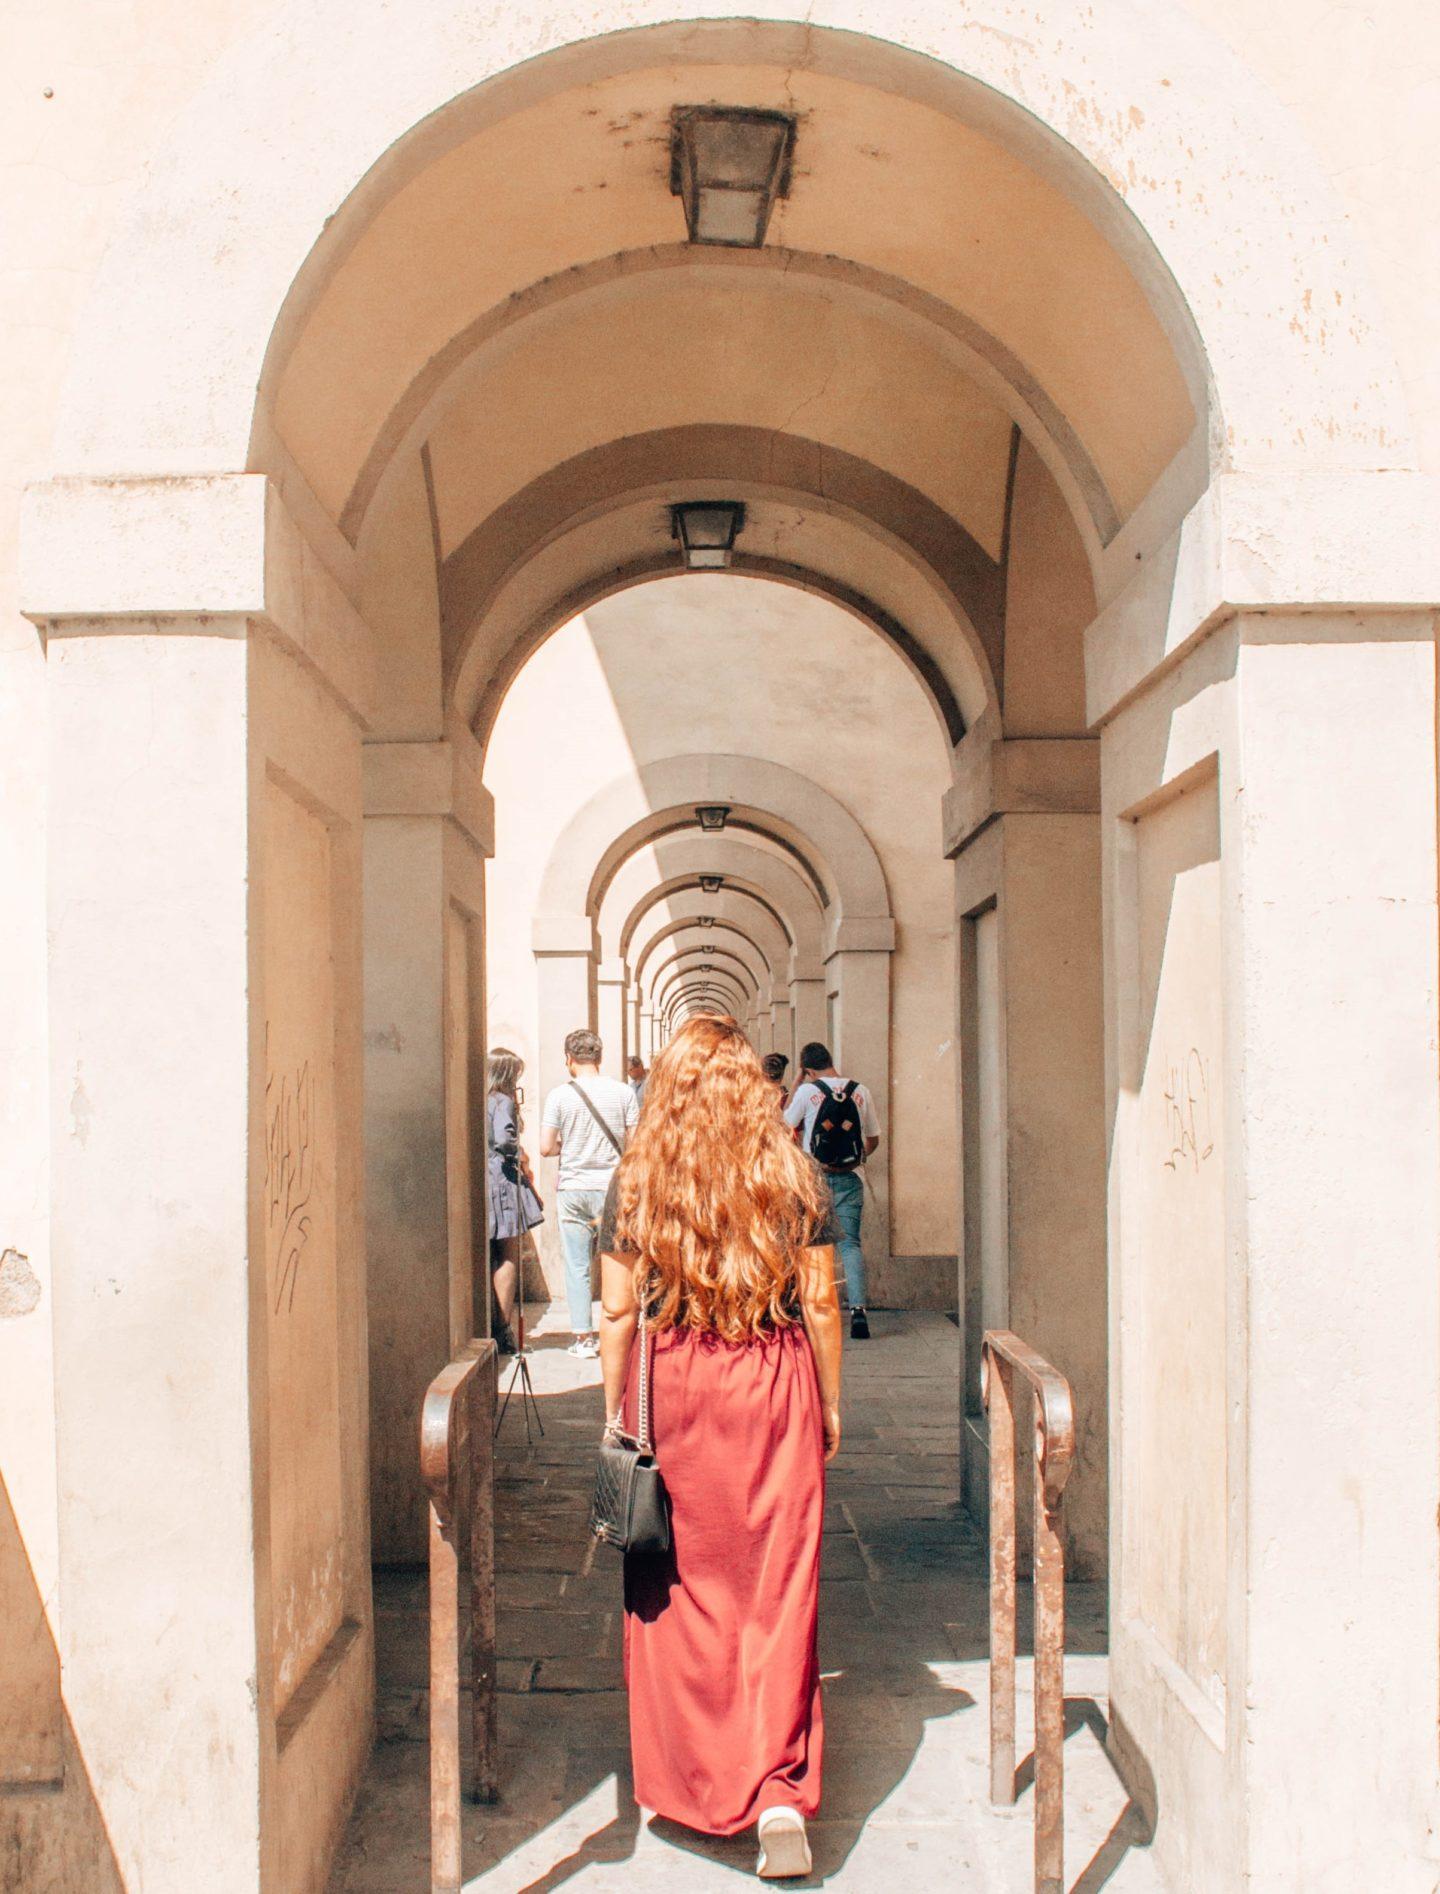 ragazza di spalle con gonna lunga e rossa sotto un arco prospettico